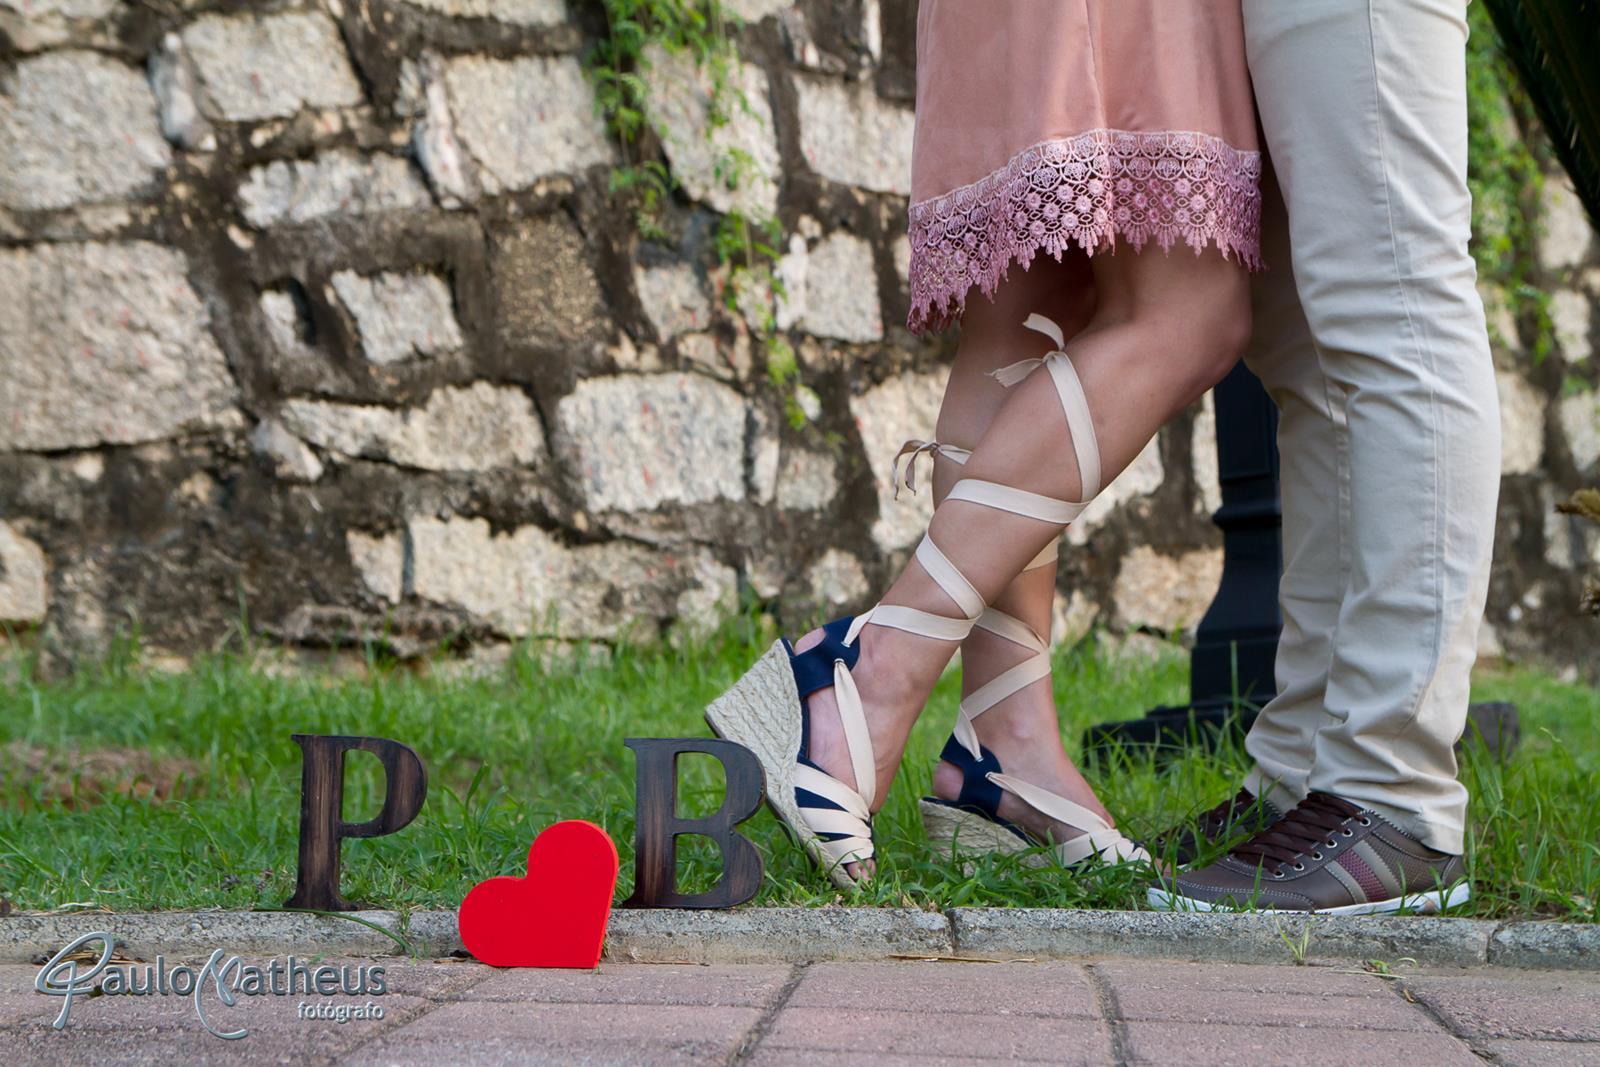 fotografia dos pés em saio fotográfico de casal em pré wedding